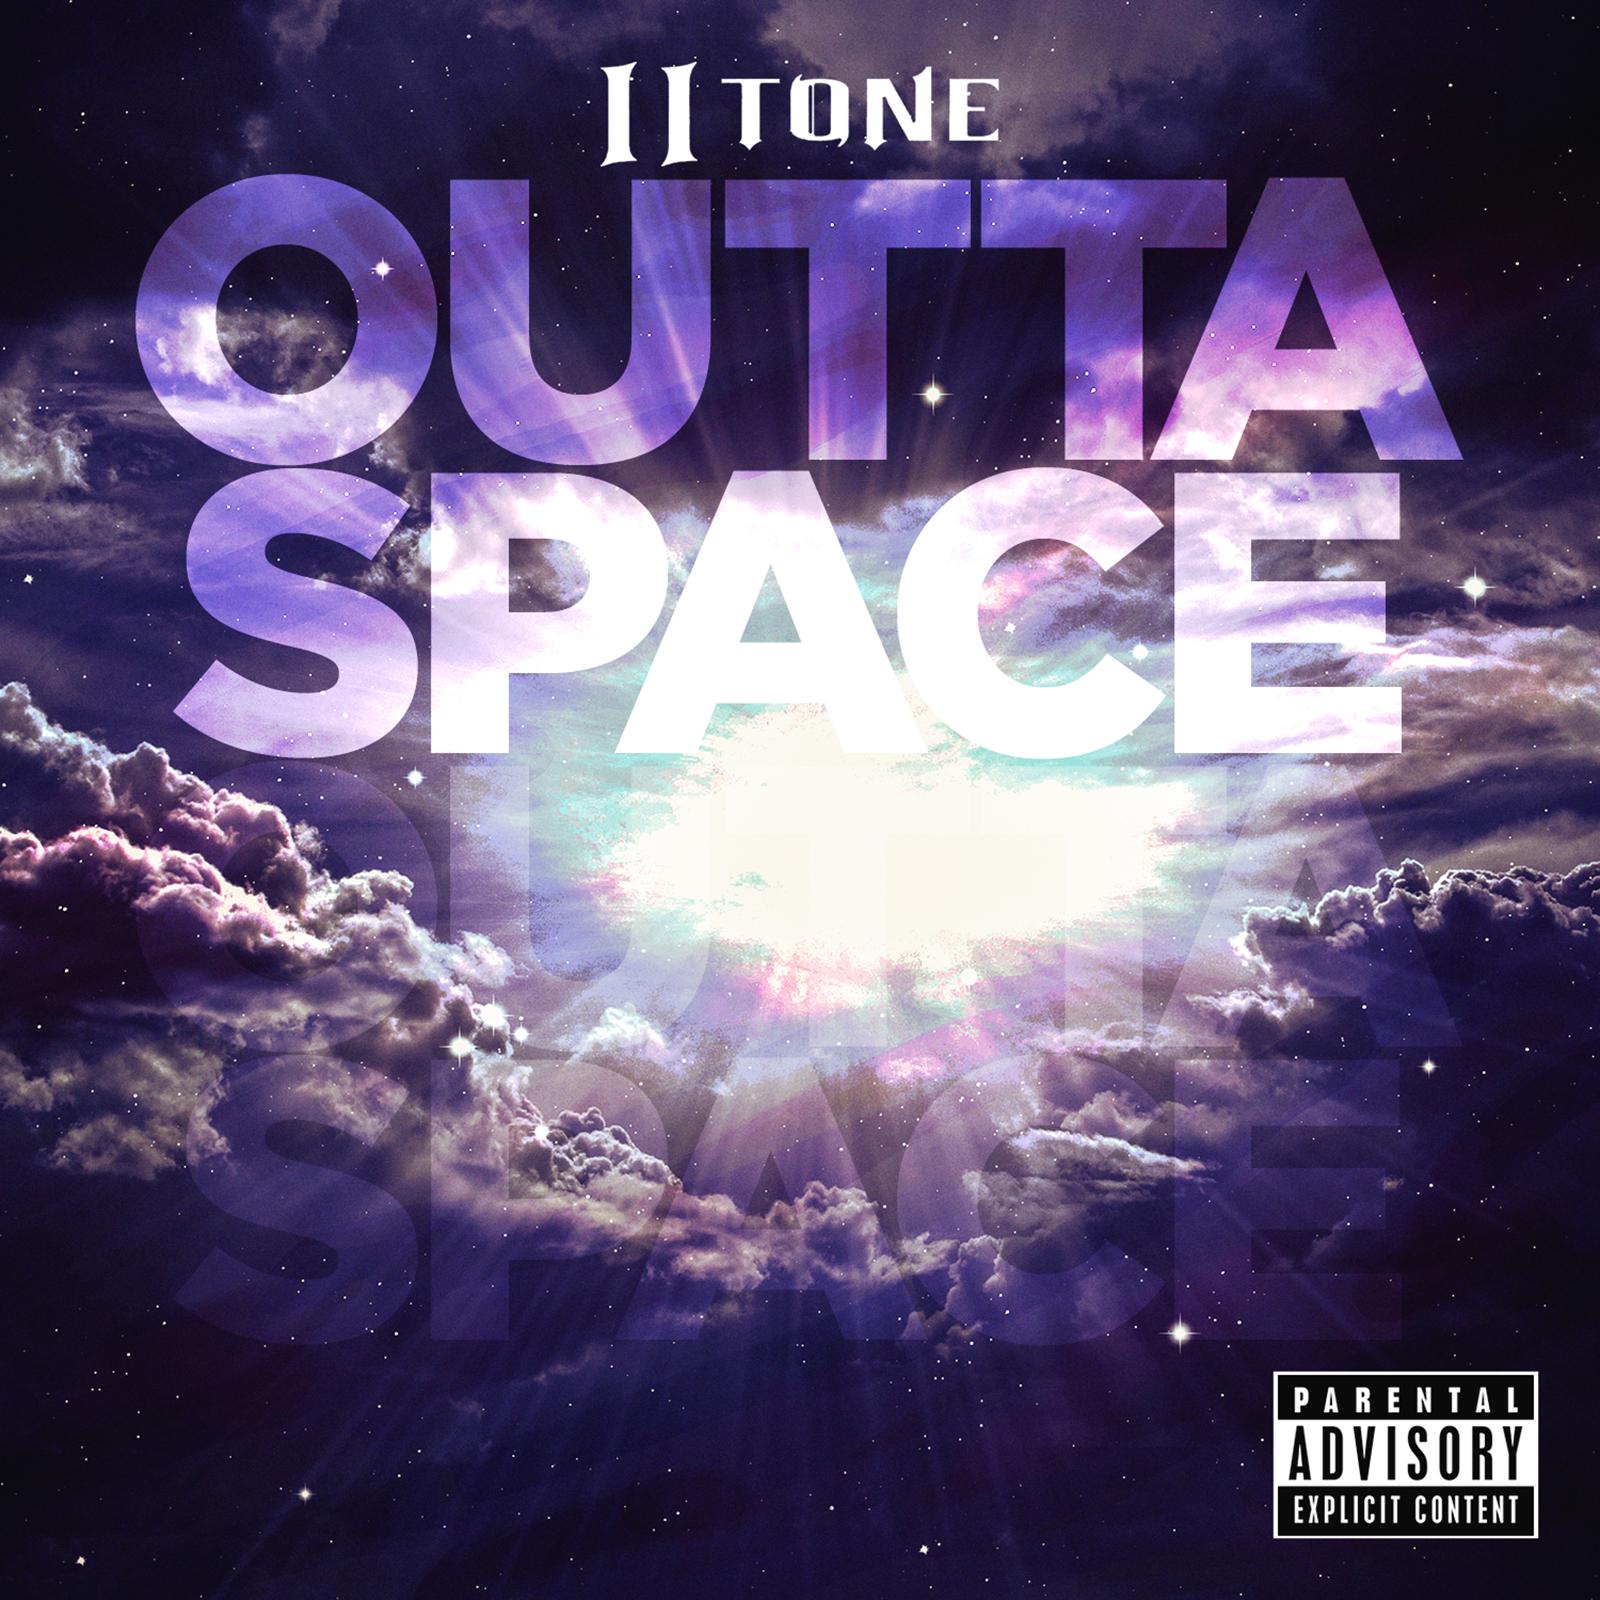 II Tone - Outta Space